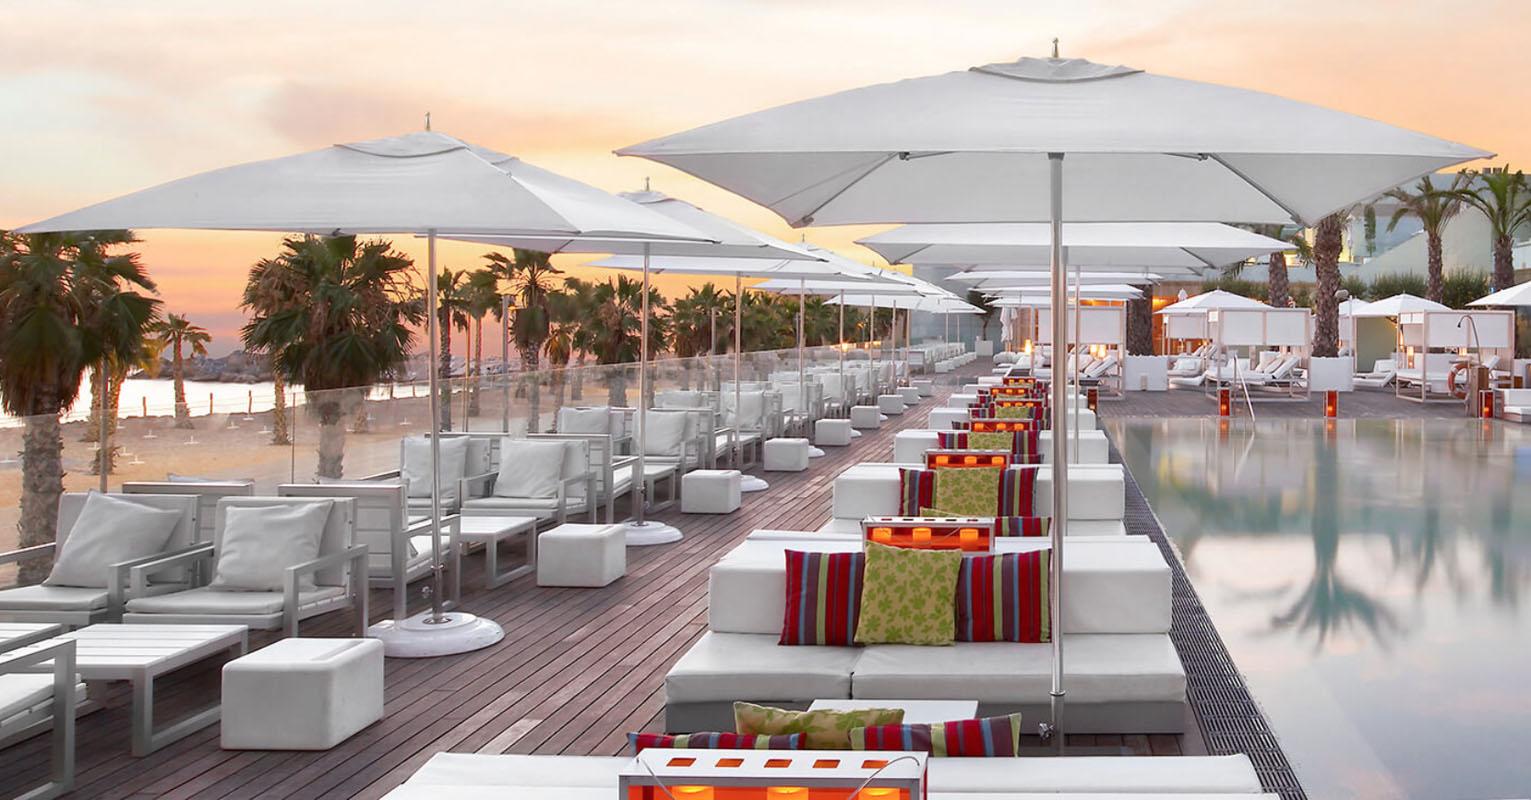 commercial umbrellas villa terrazza